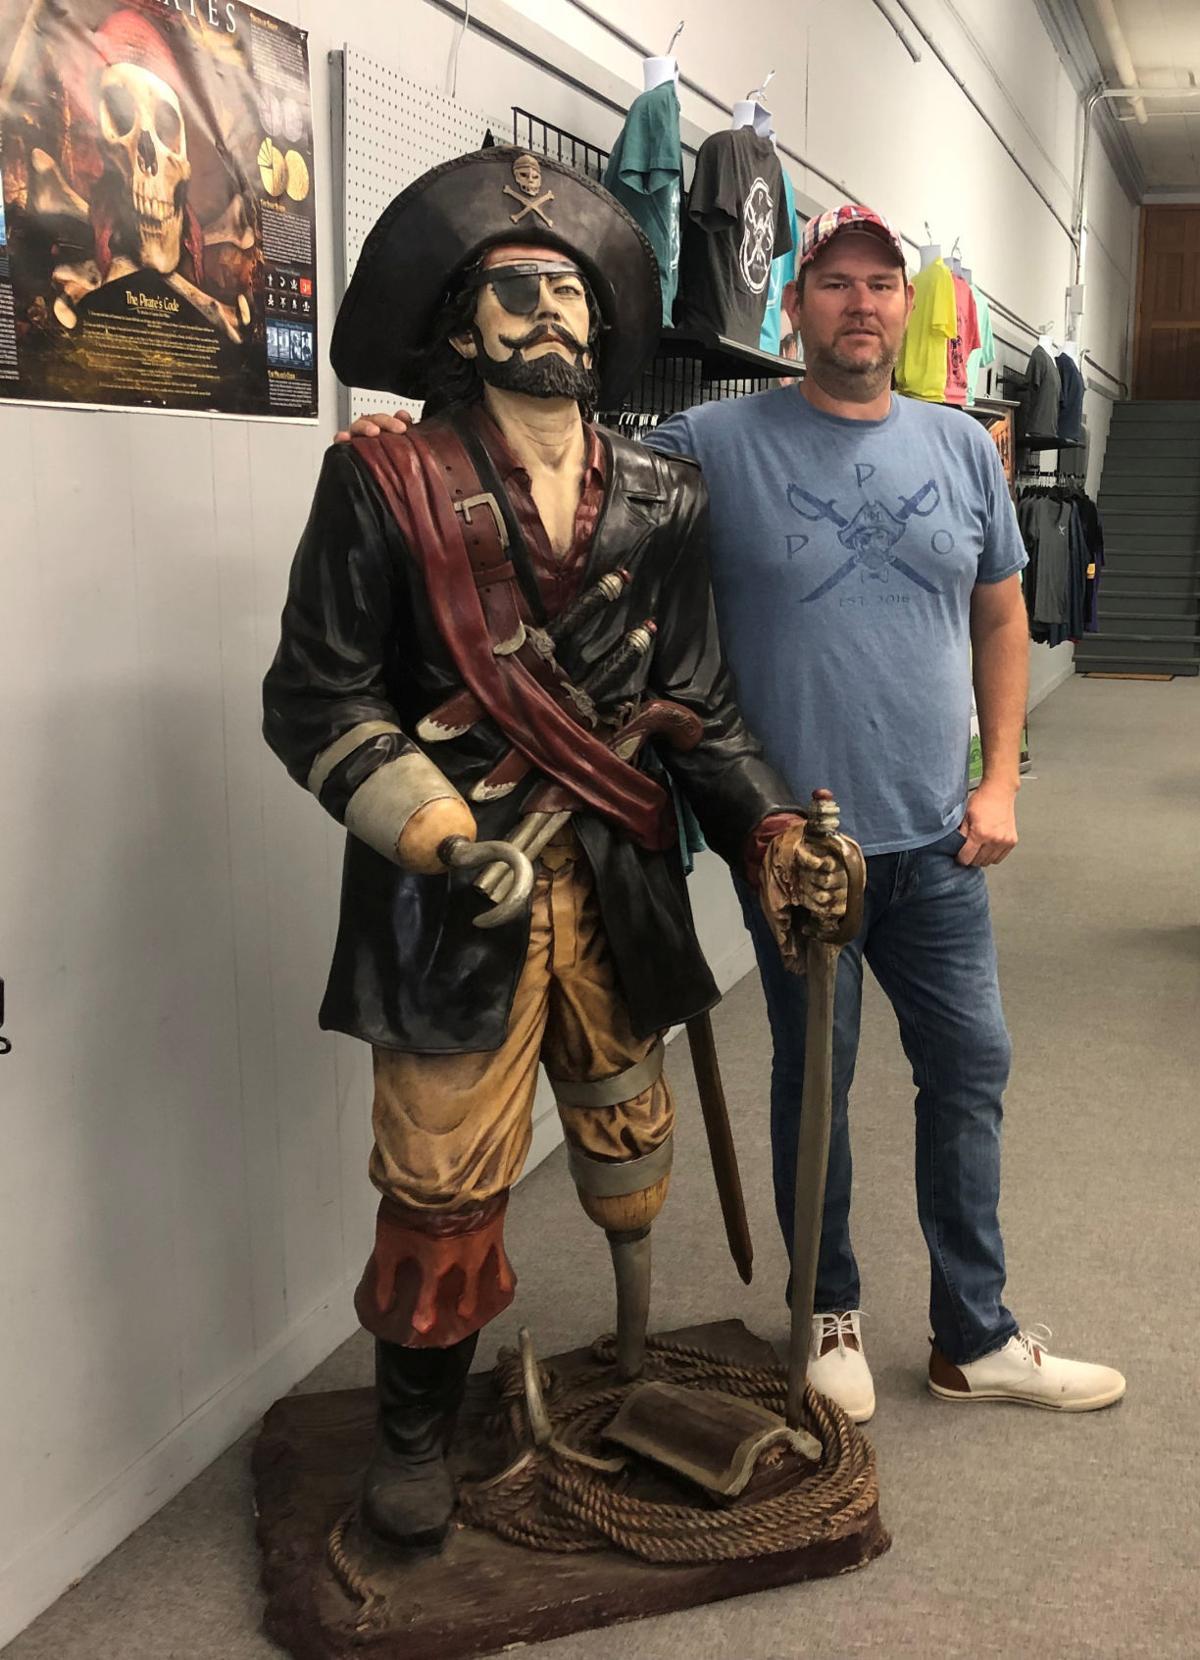 preppy_pirate_photo1.jpg